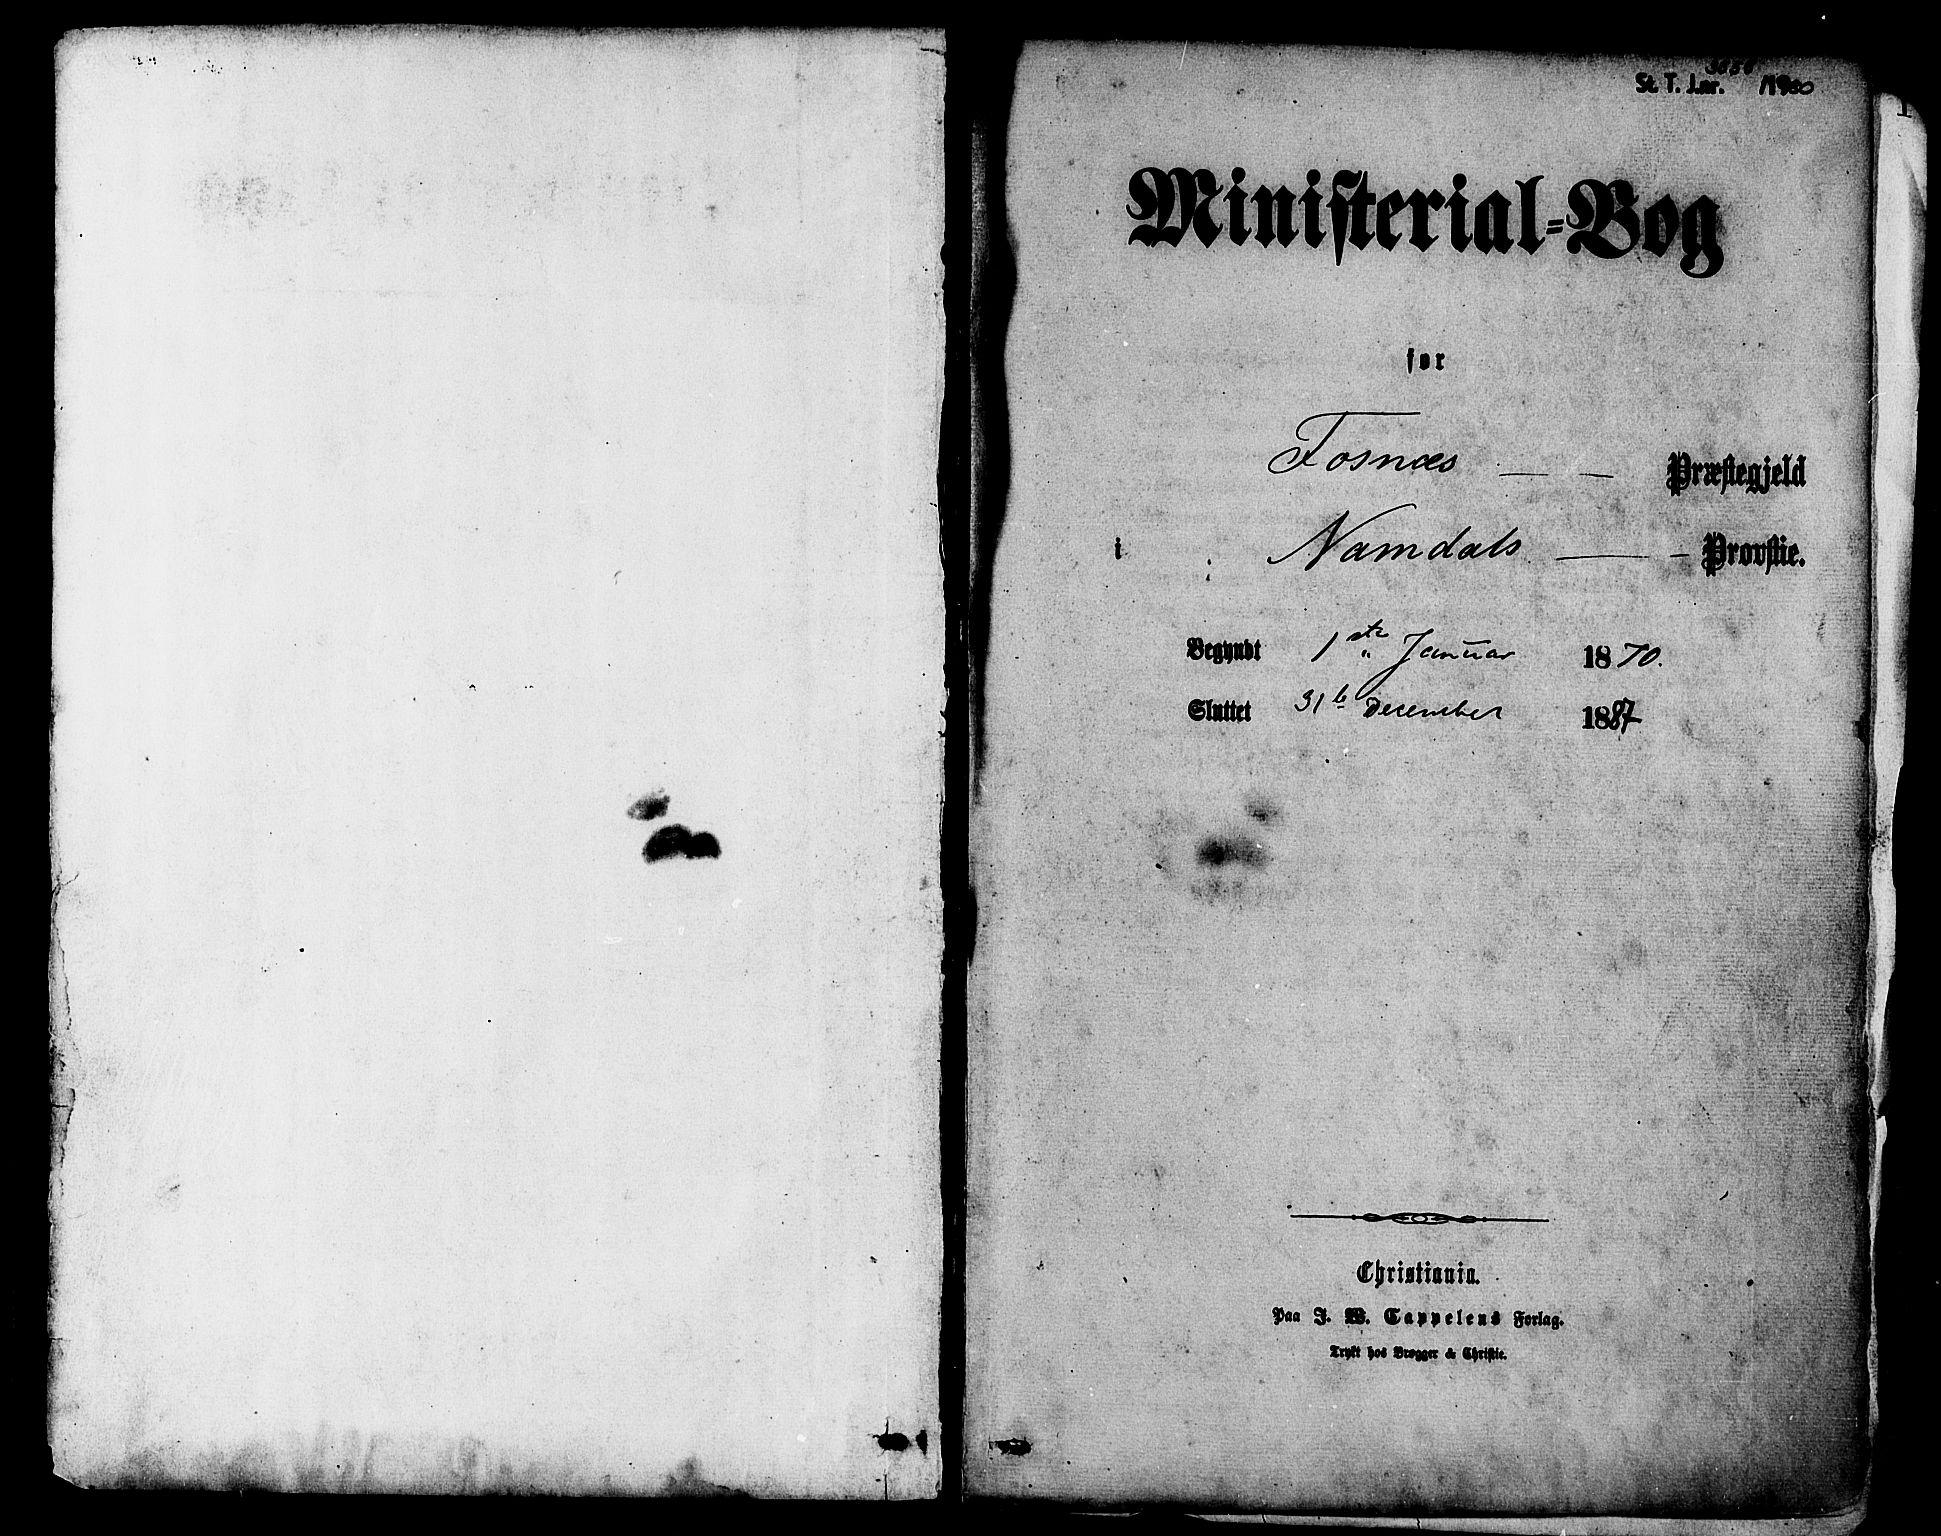 SAT, Ministerialprotokoller, klokkerbøker og fødselsregistre - Nord-Trøndelag, 773/L0616: Ministerialbok nr. 773A07, 1870-1887